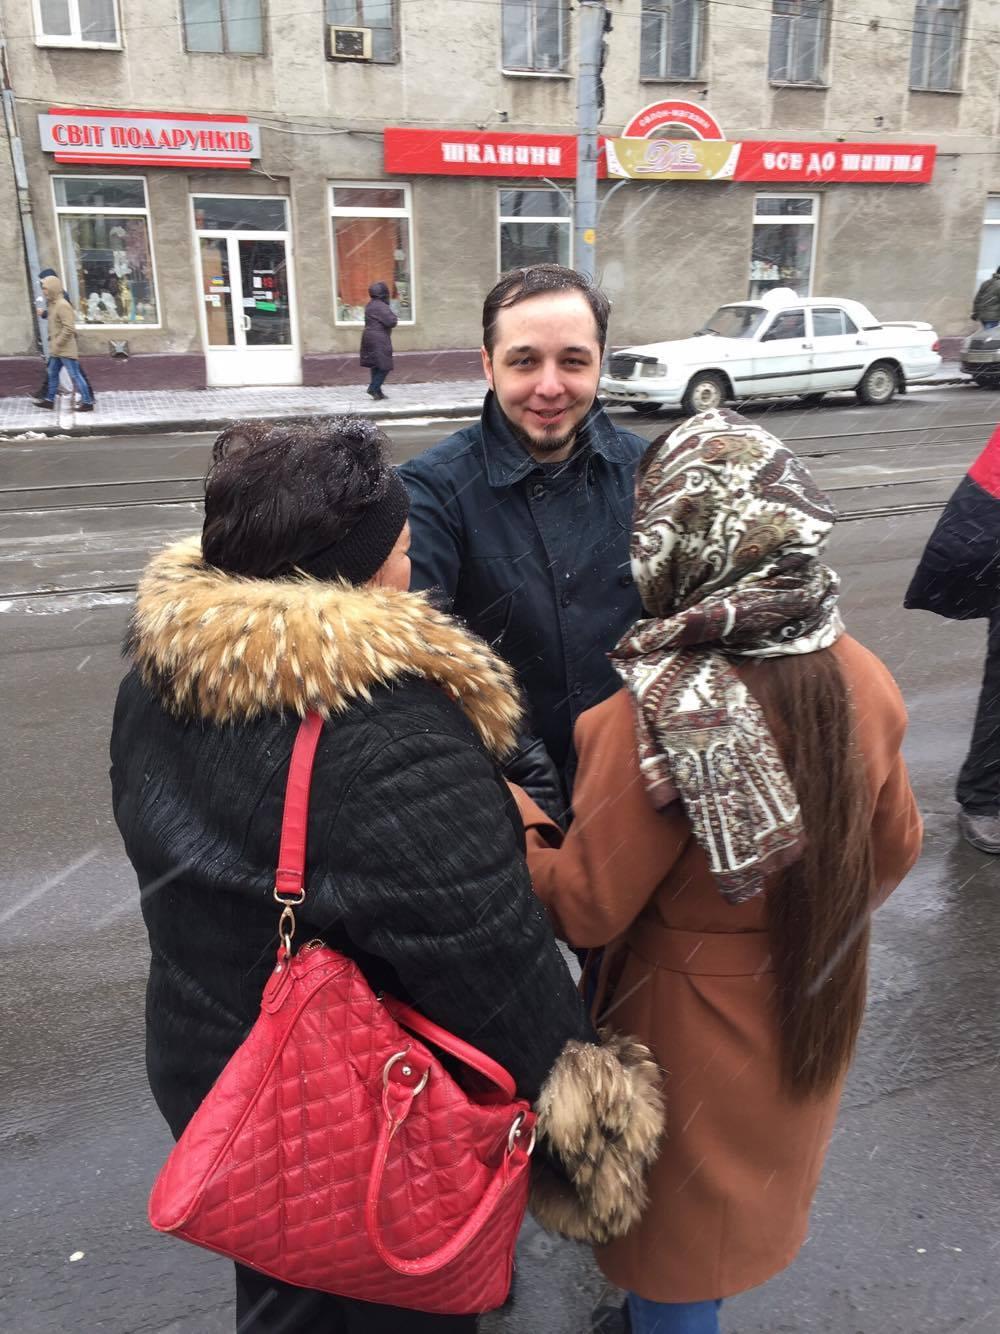 Замість мітингу - поцілунки: Юрій Хорт показав, як скучив за своєю дівчиною - фото 4